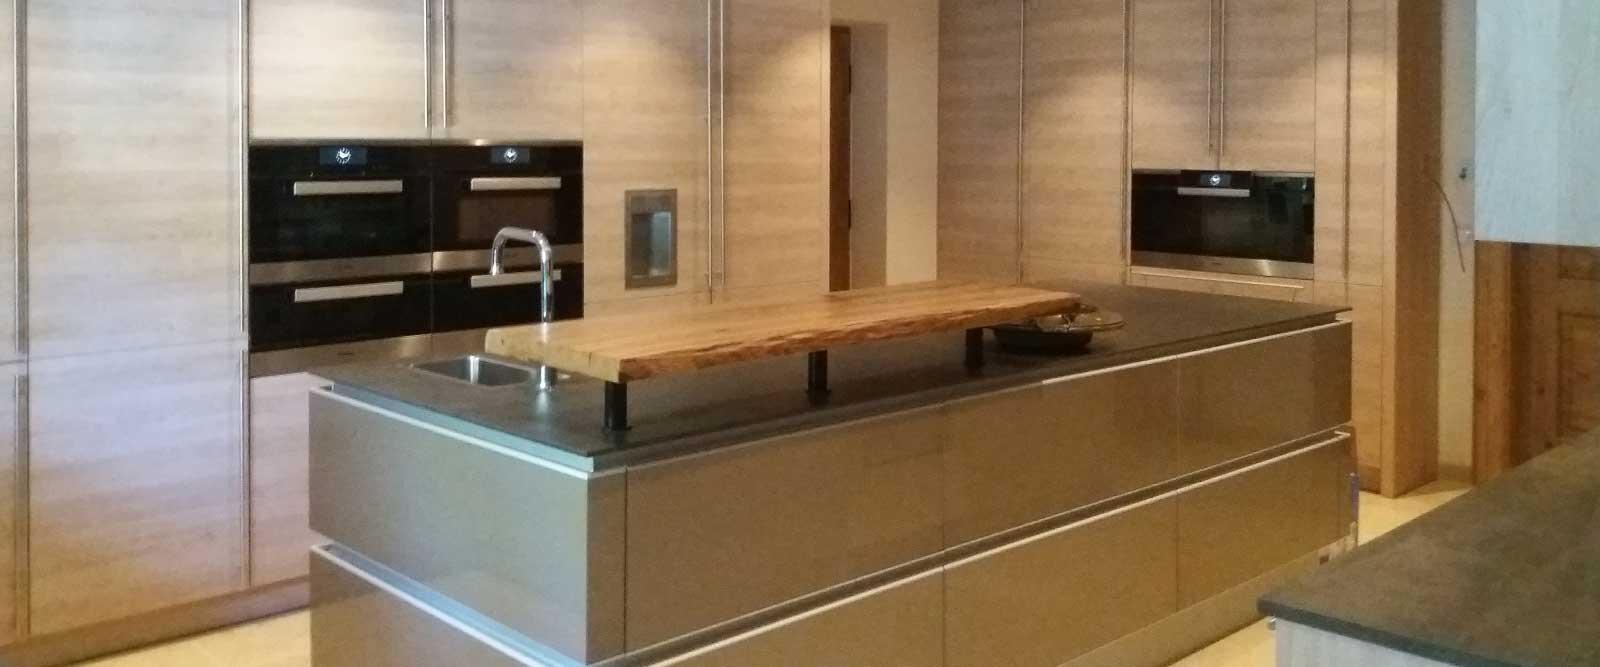 Einbauküchen von Meisterhand: Johann Kafl, Möbelschreinerei